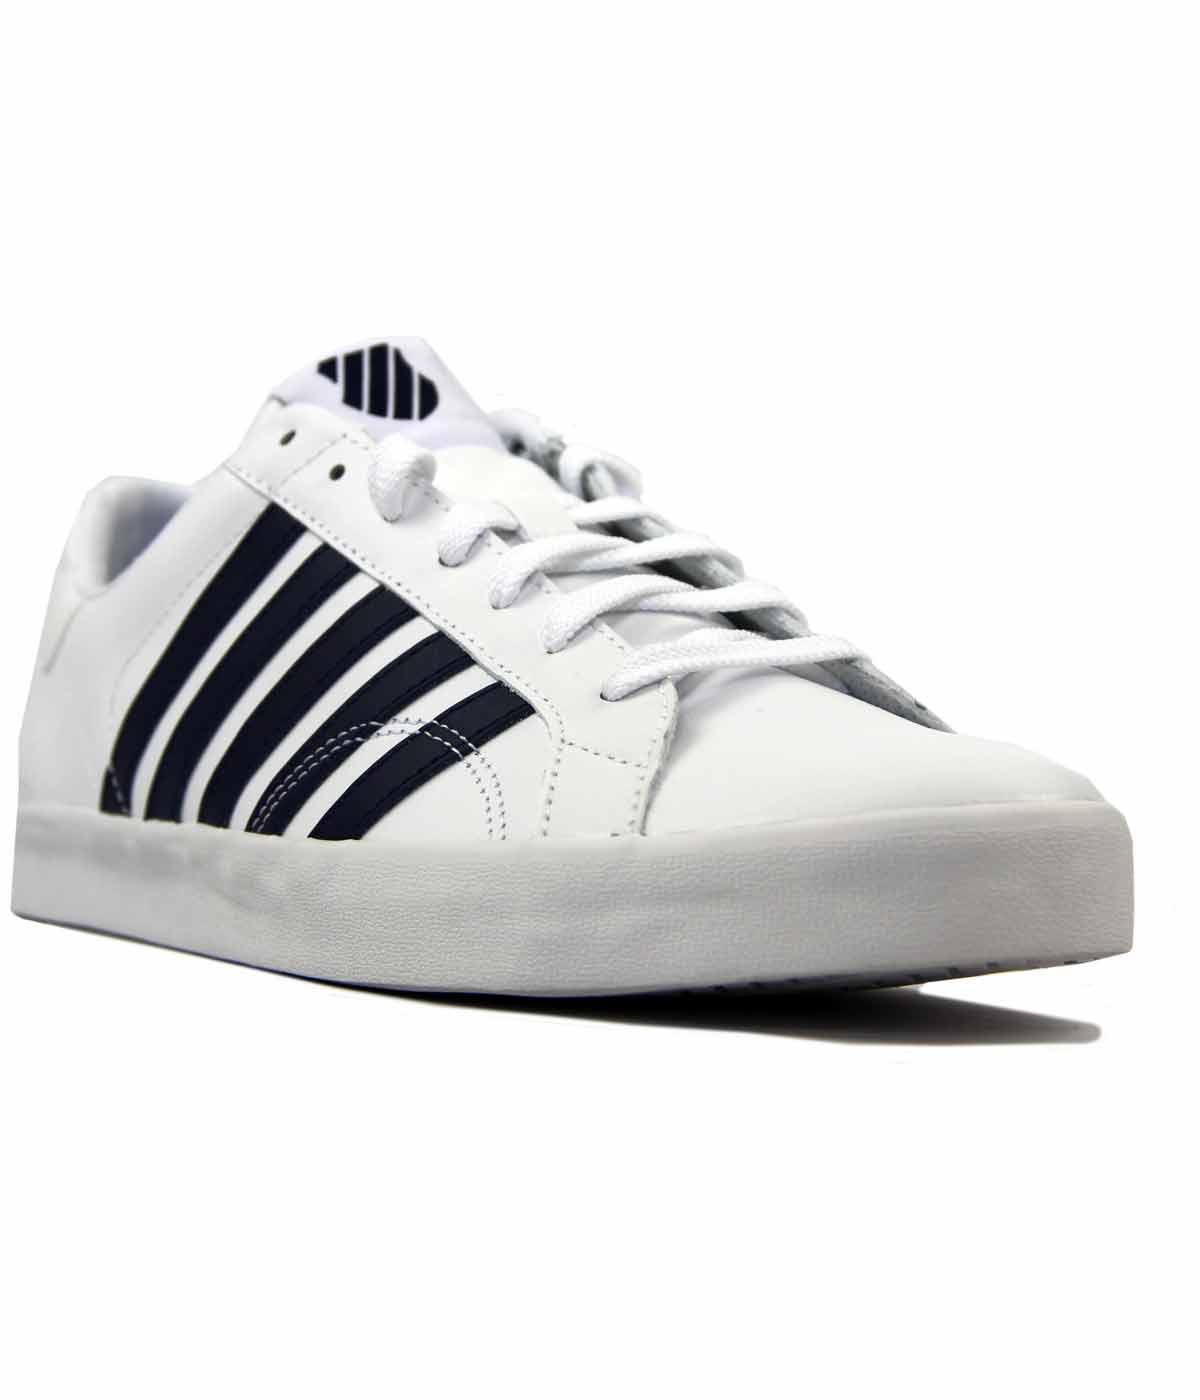 Koio Premières Chaussures De Sport Salut-top Atlantique - Bleu c1qi1h7